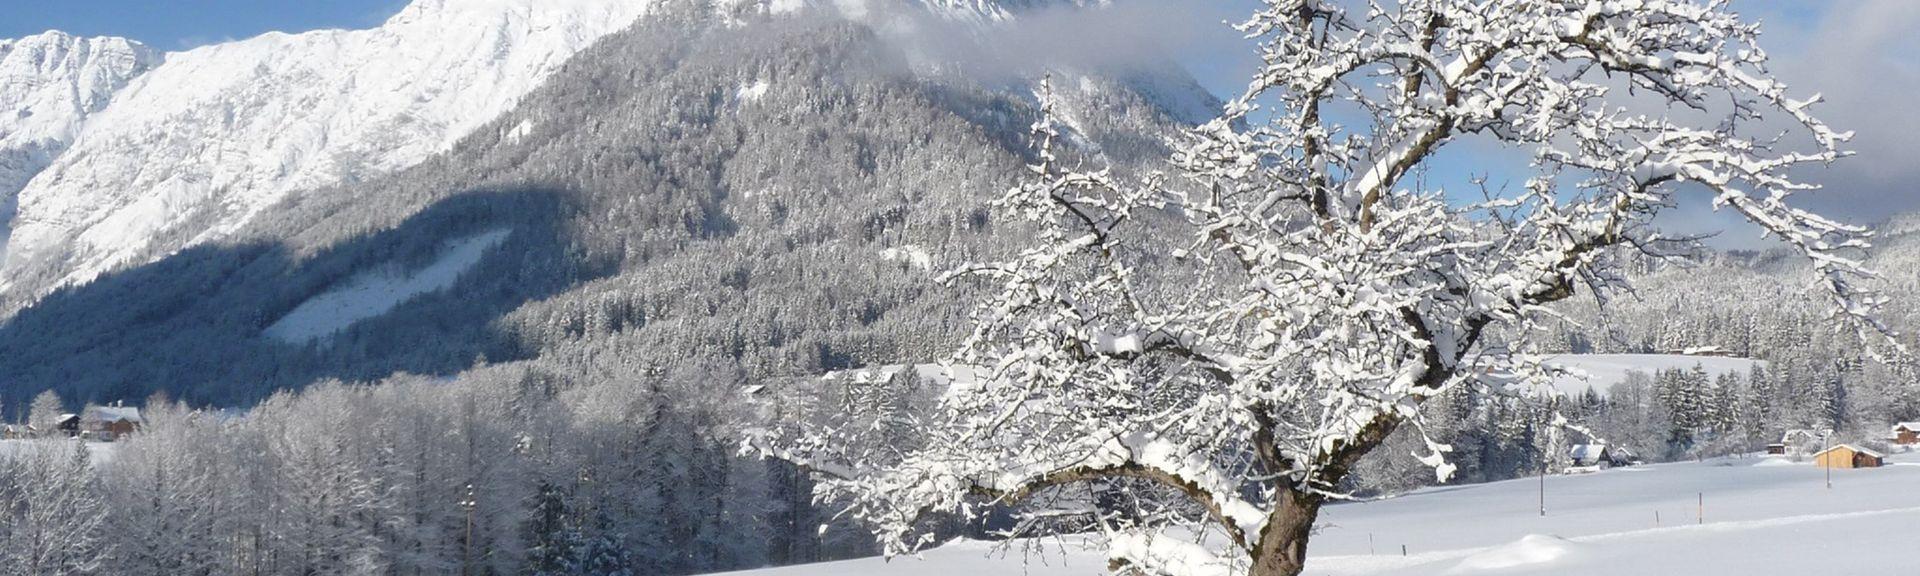 Liezen District, Styria, Austria